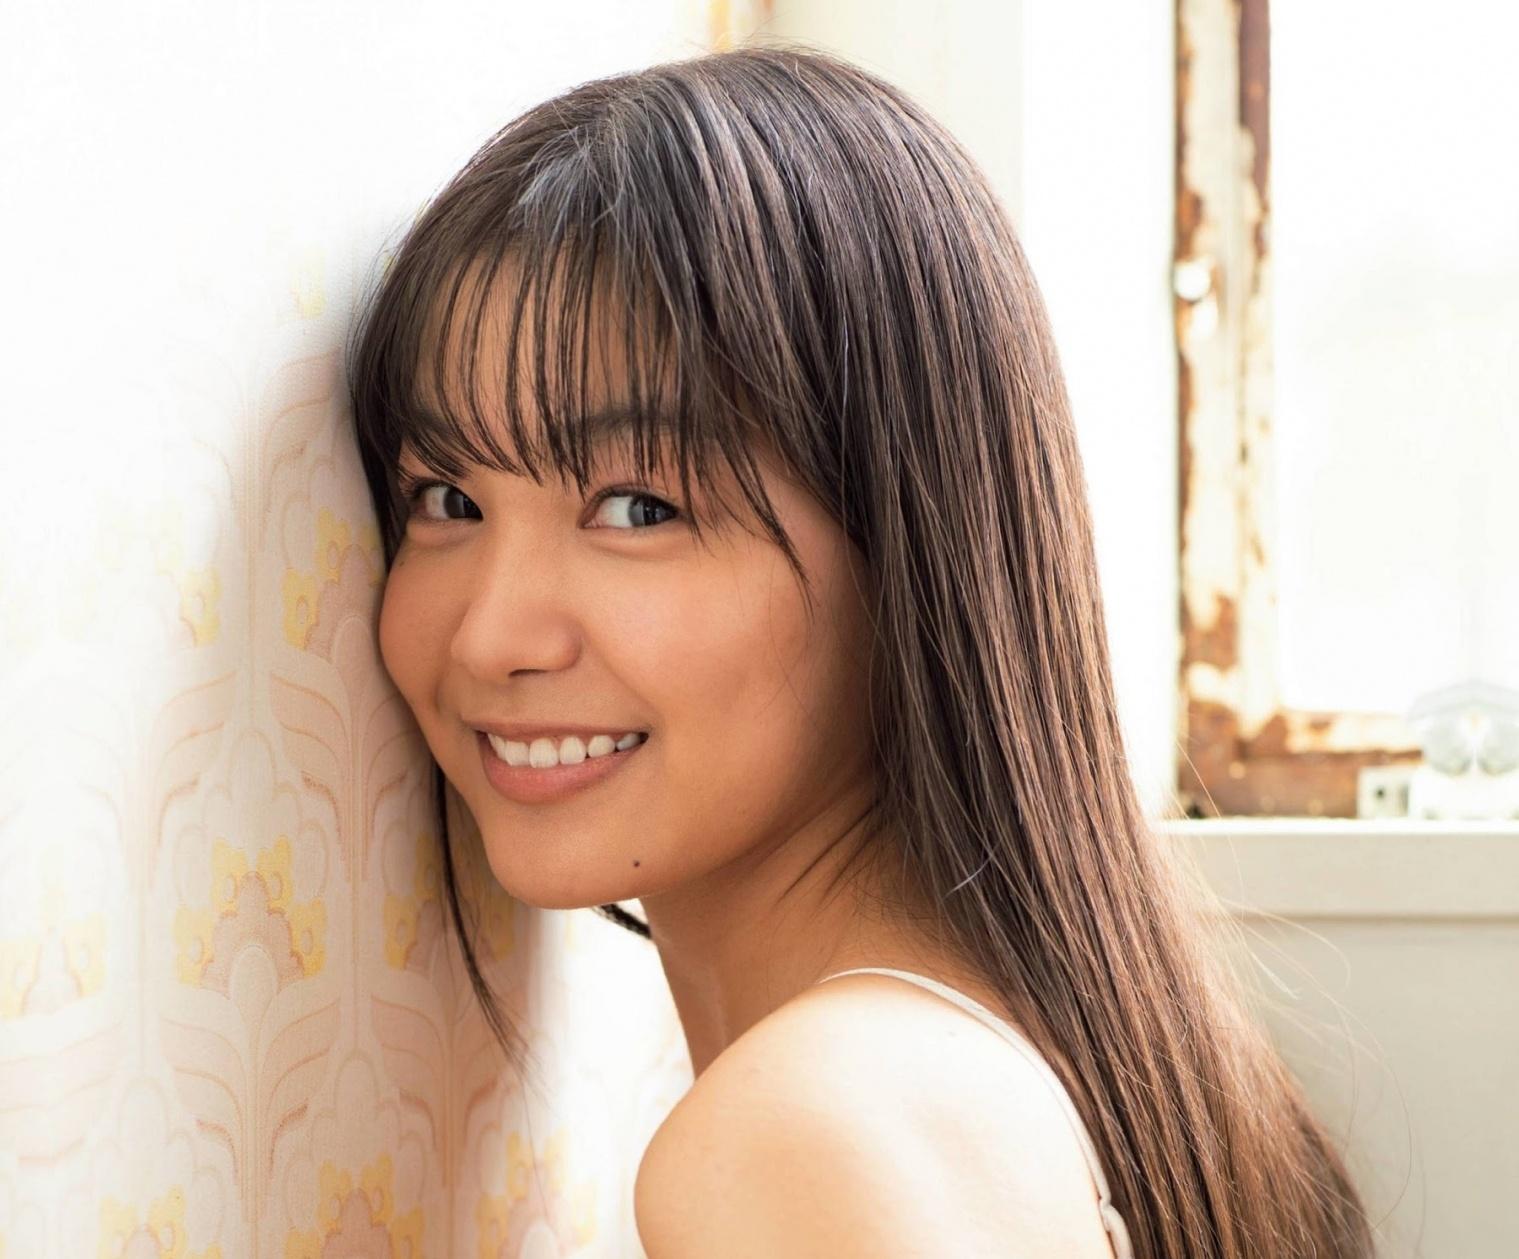 仙女系正妹「吉泽遥奈」甜美笑颜女友感爆棚全身散发「空灵气质」美到有点不真实